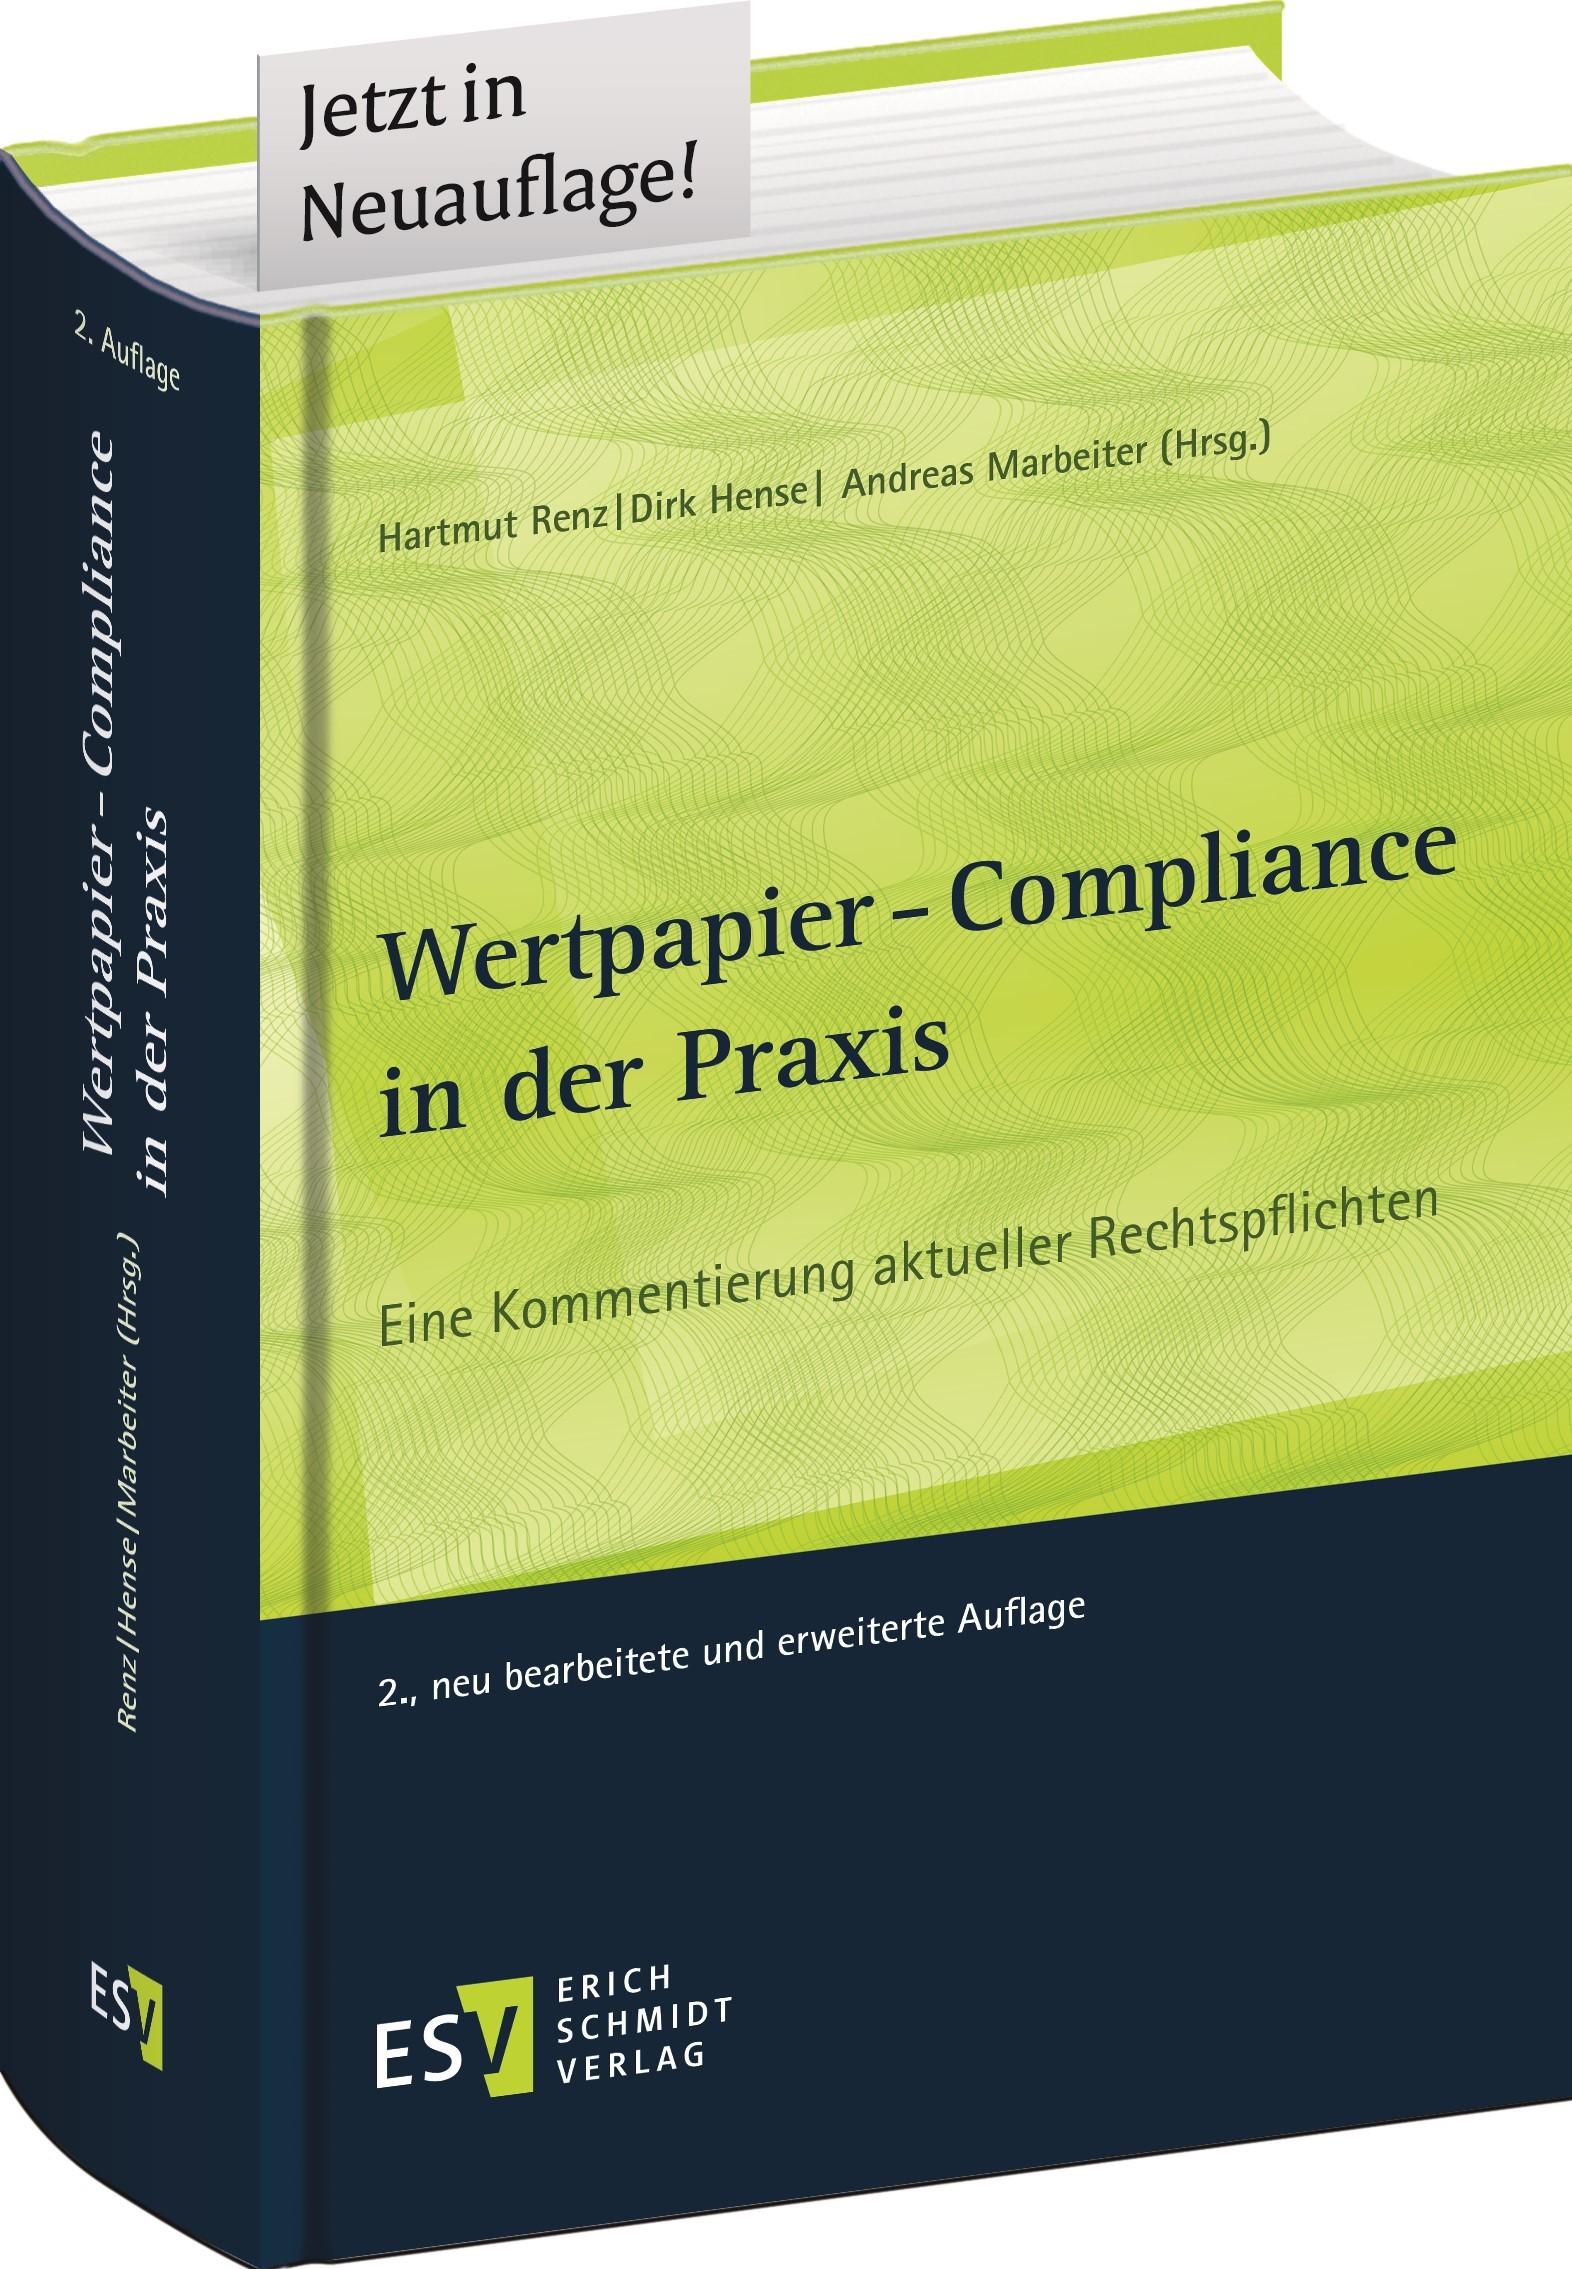 Abbildung von Renz / Hense / Marbeiter (Hrsg.) | Wertpapier-Compliance in der Praxis | 2., neu bearbeitete und erweiterte Auflage | 2019